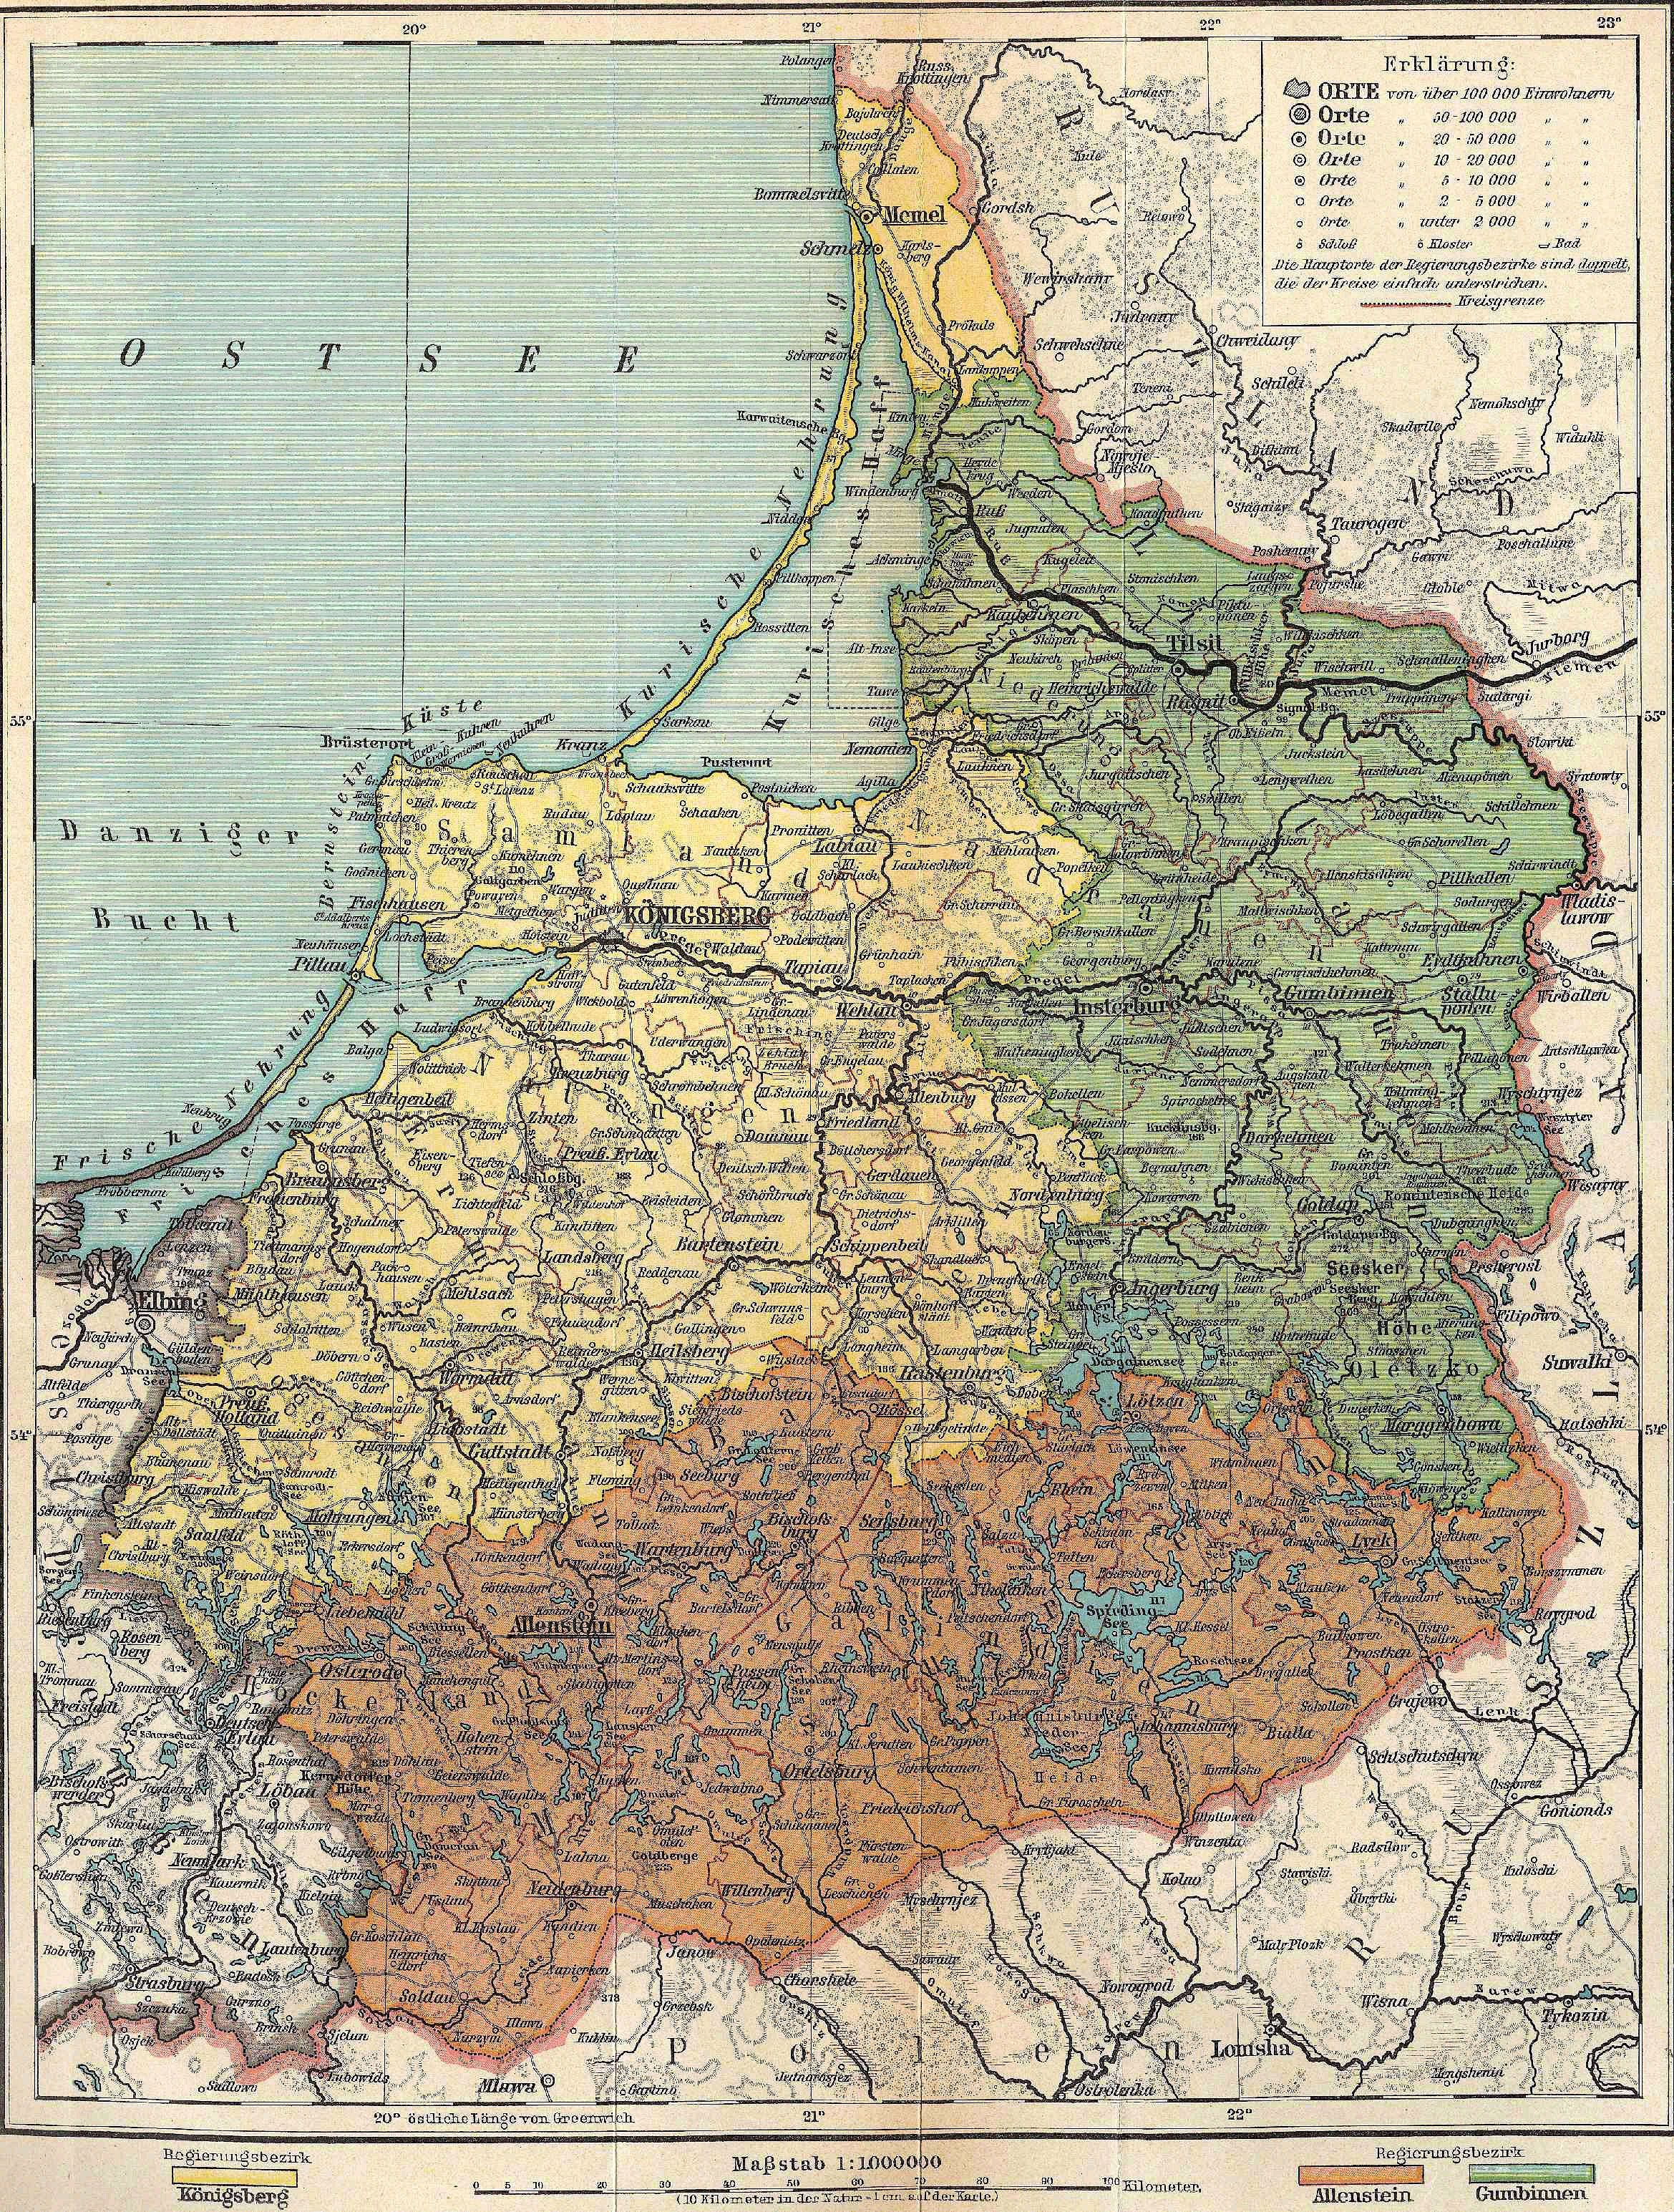 Karte Ostpreußen.Ostpreußen 1917 Karten Pläne Ostpreußen Karte Preußen Und